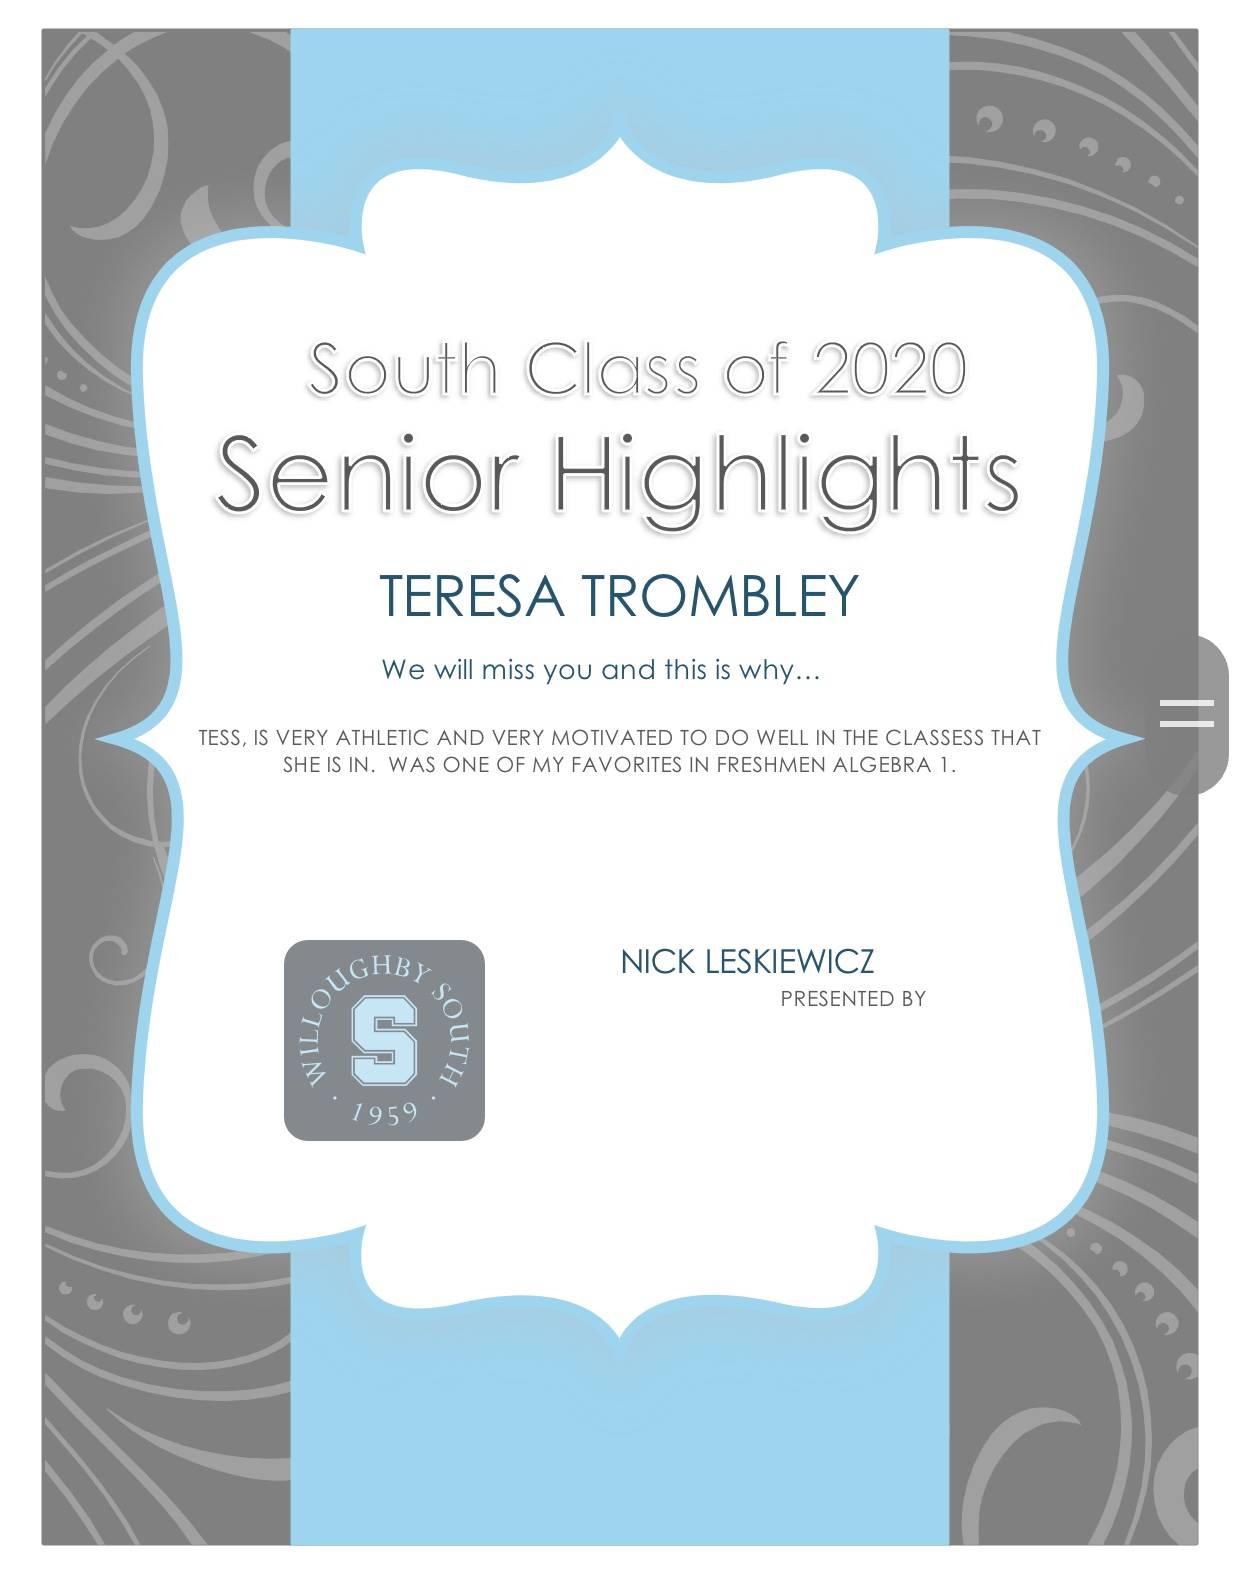 Teresa Trombley